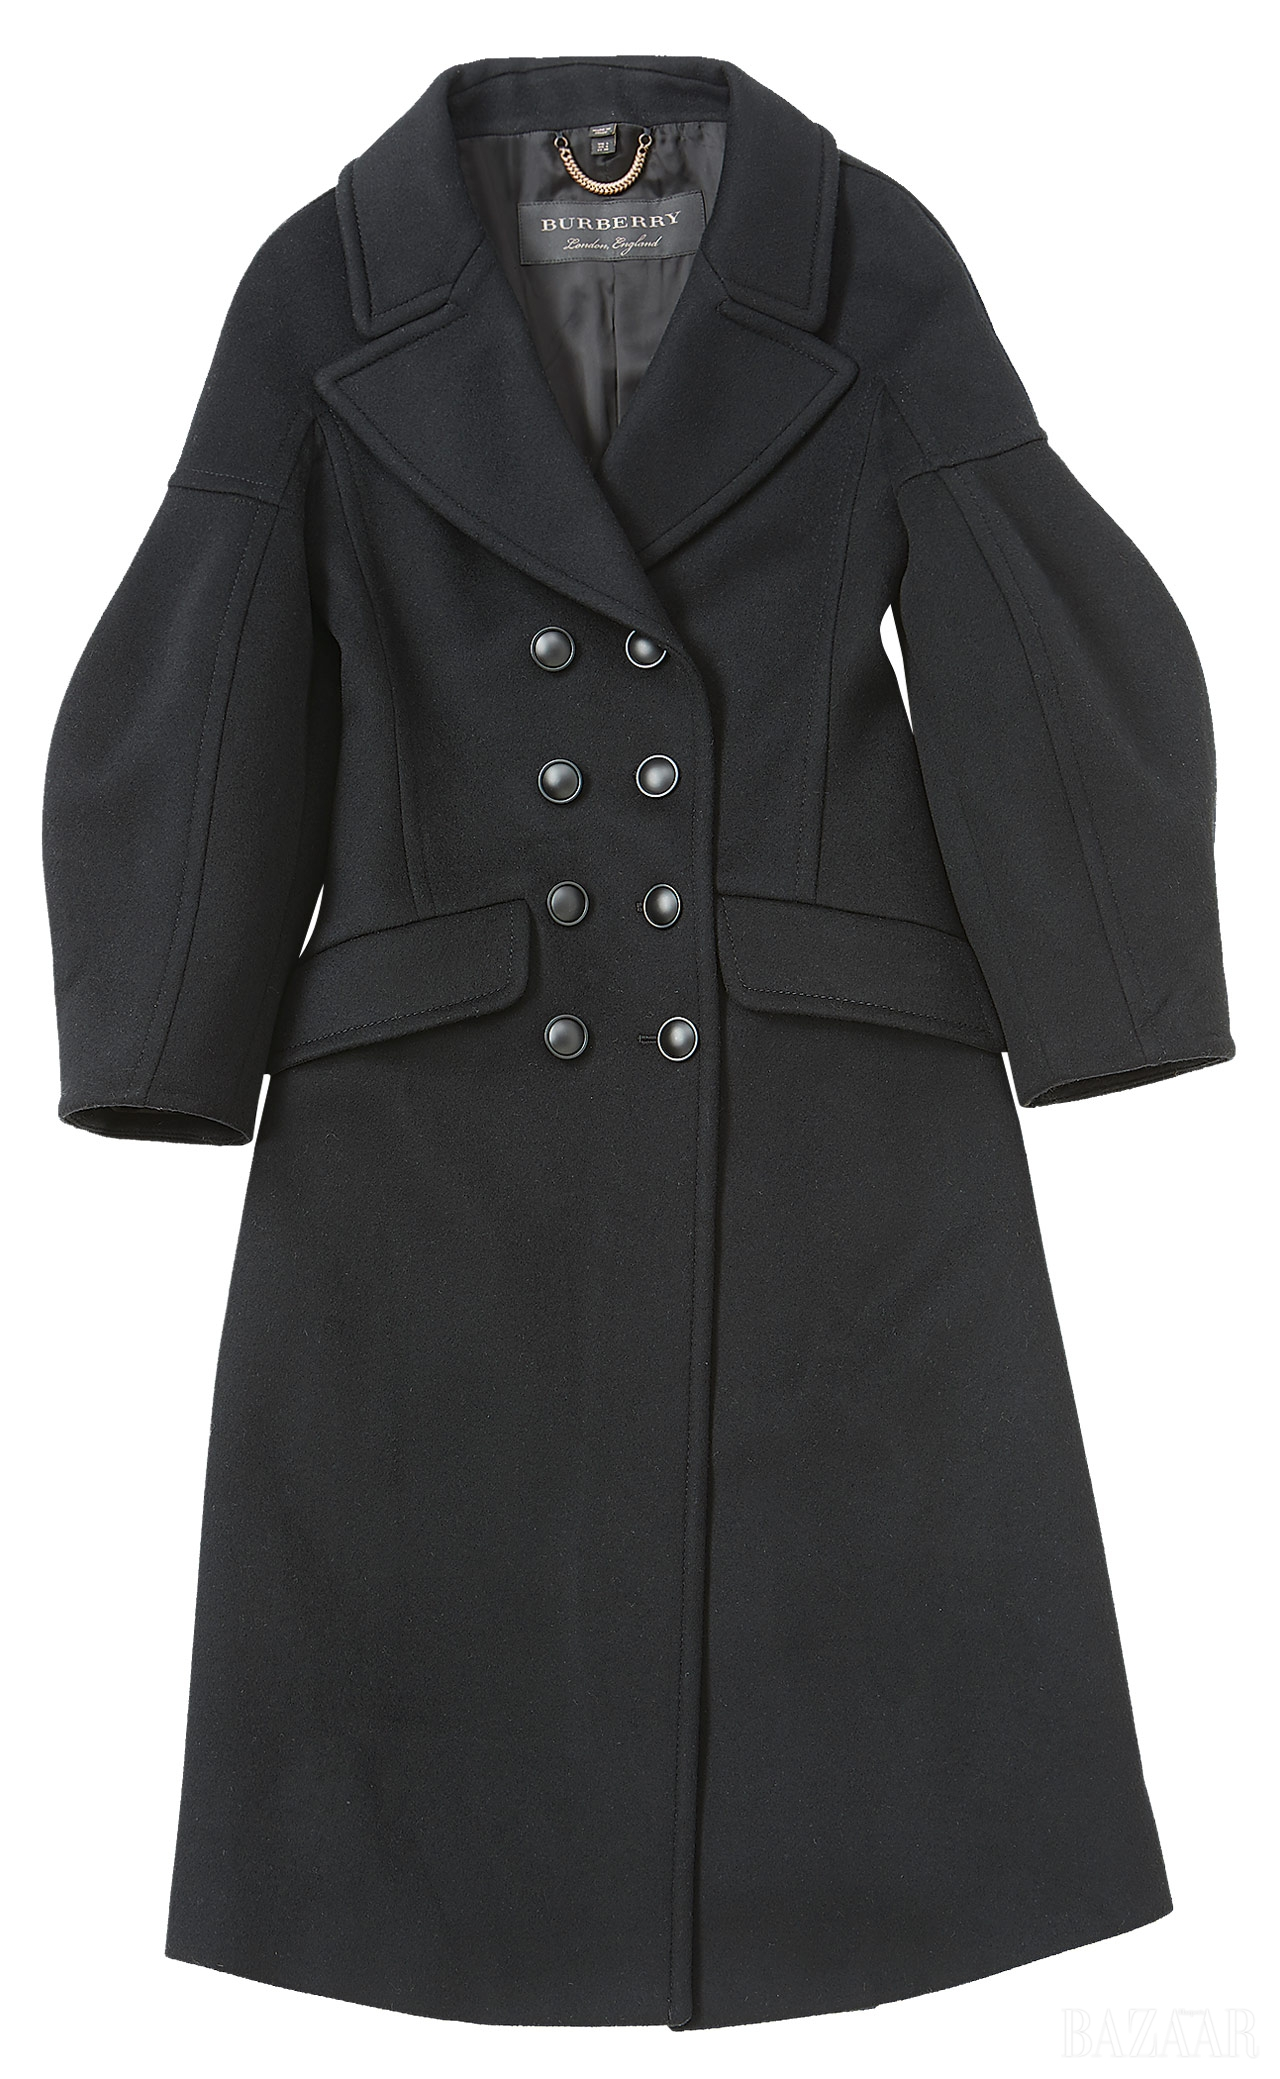 볼륨감 있는  소매의 드롭 숄더  재킷은 가격 미정으로  <strong>Burberry</strong>